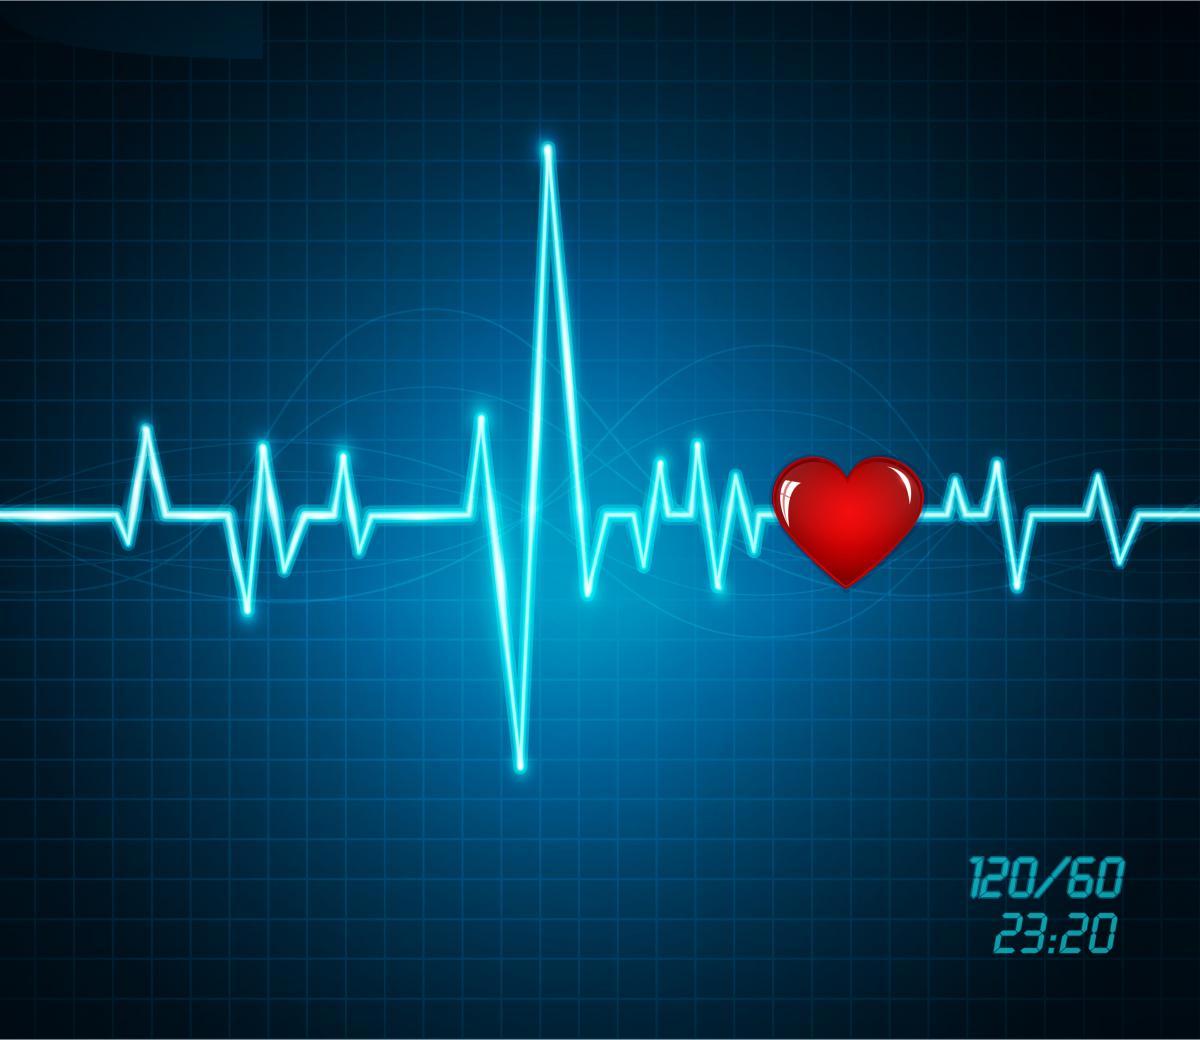 Ученые заявили, что ощущение изжоги может быть признаком тихого сердечного приступа